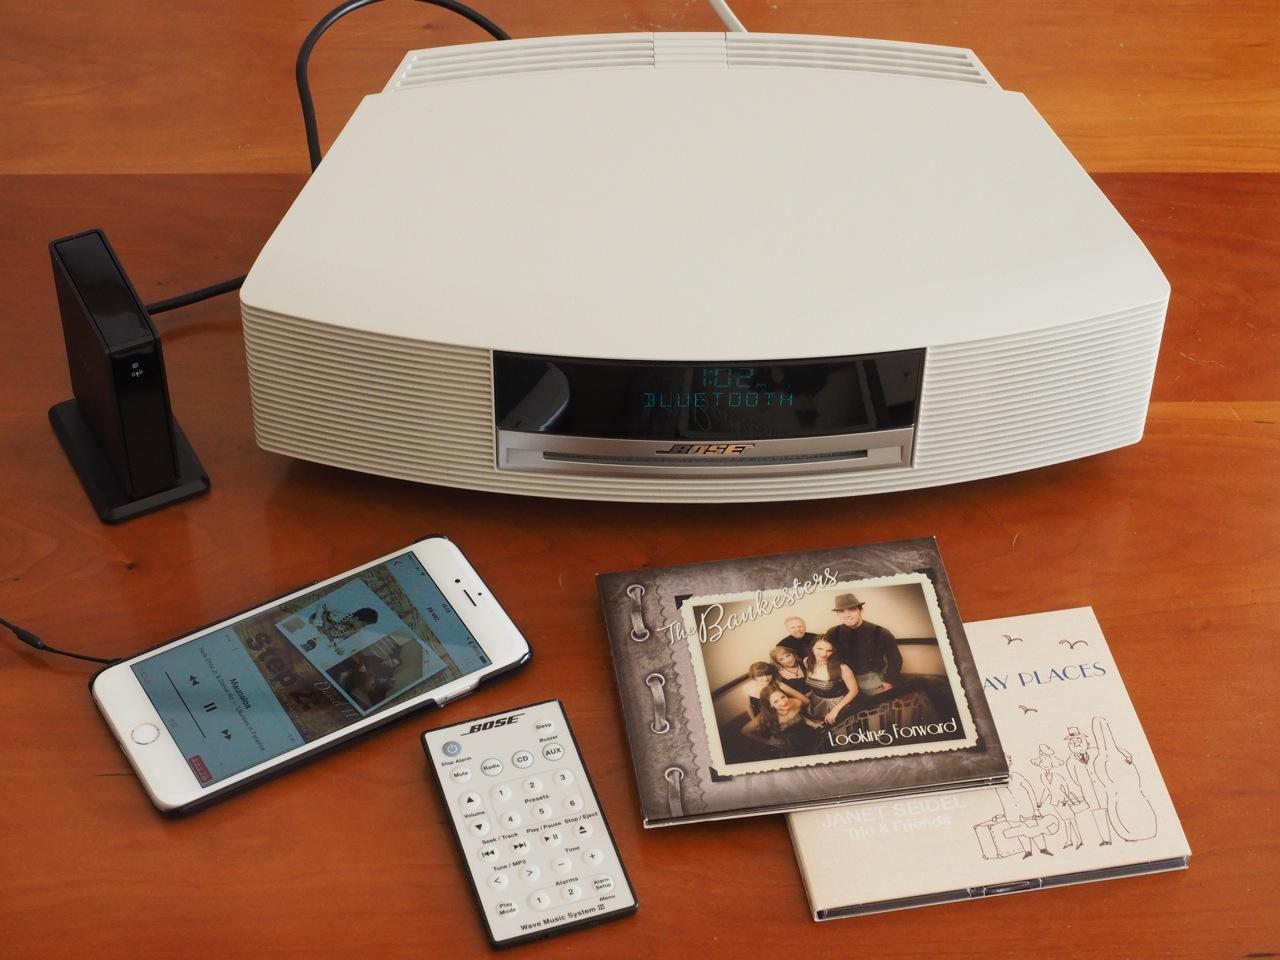 コンパクトで少し上質のCDラジオ探し